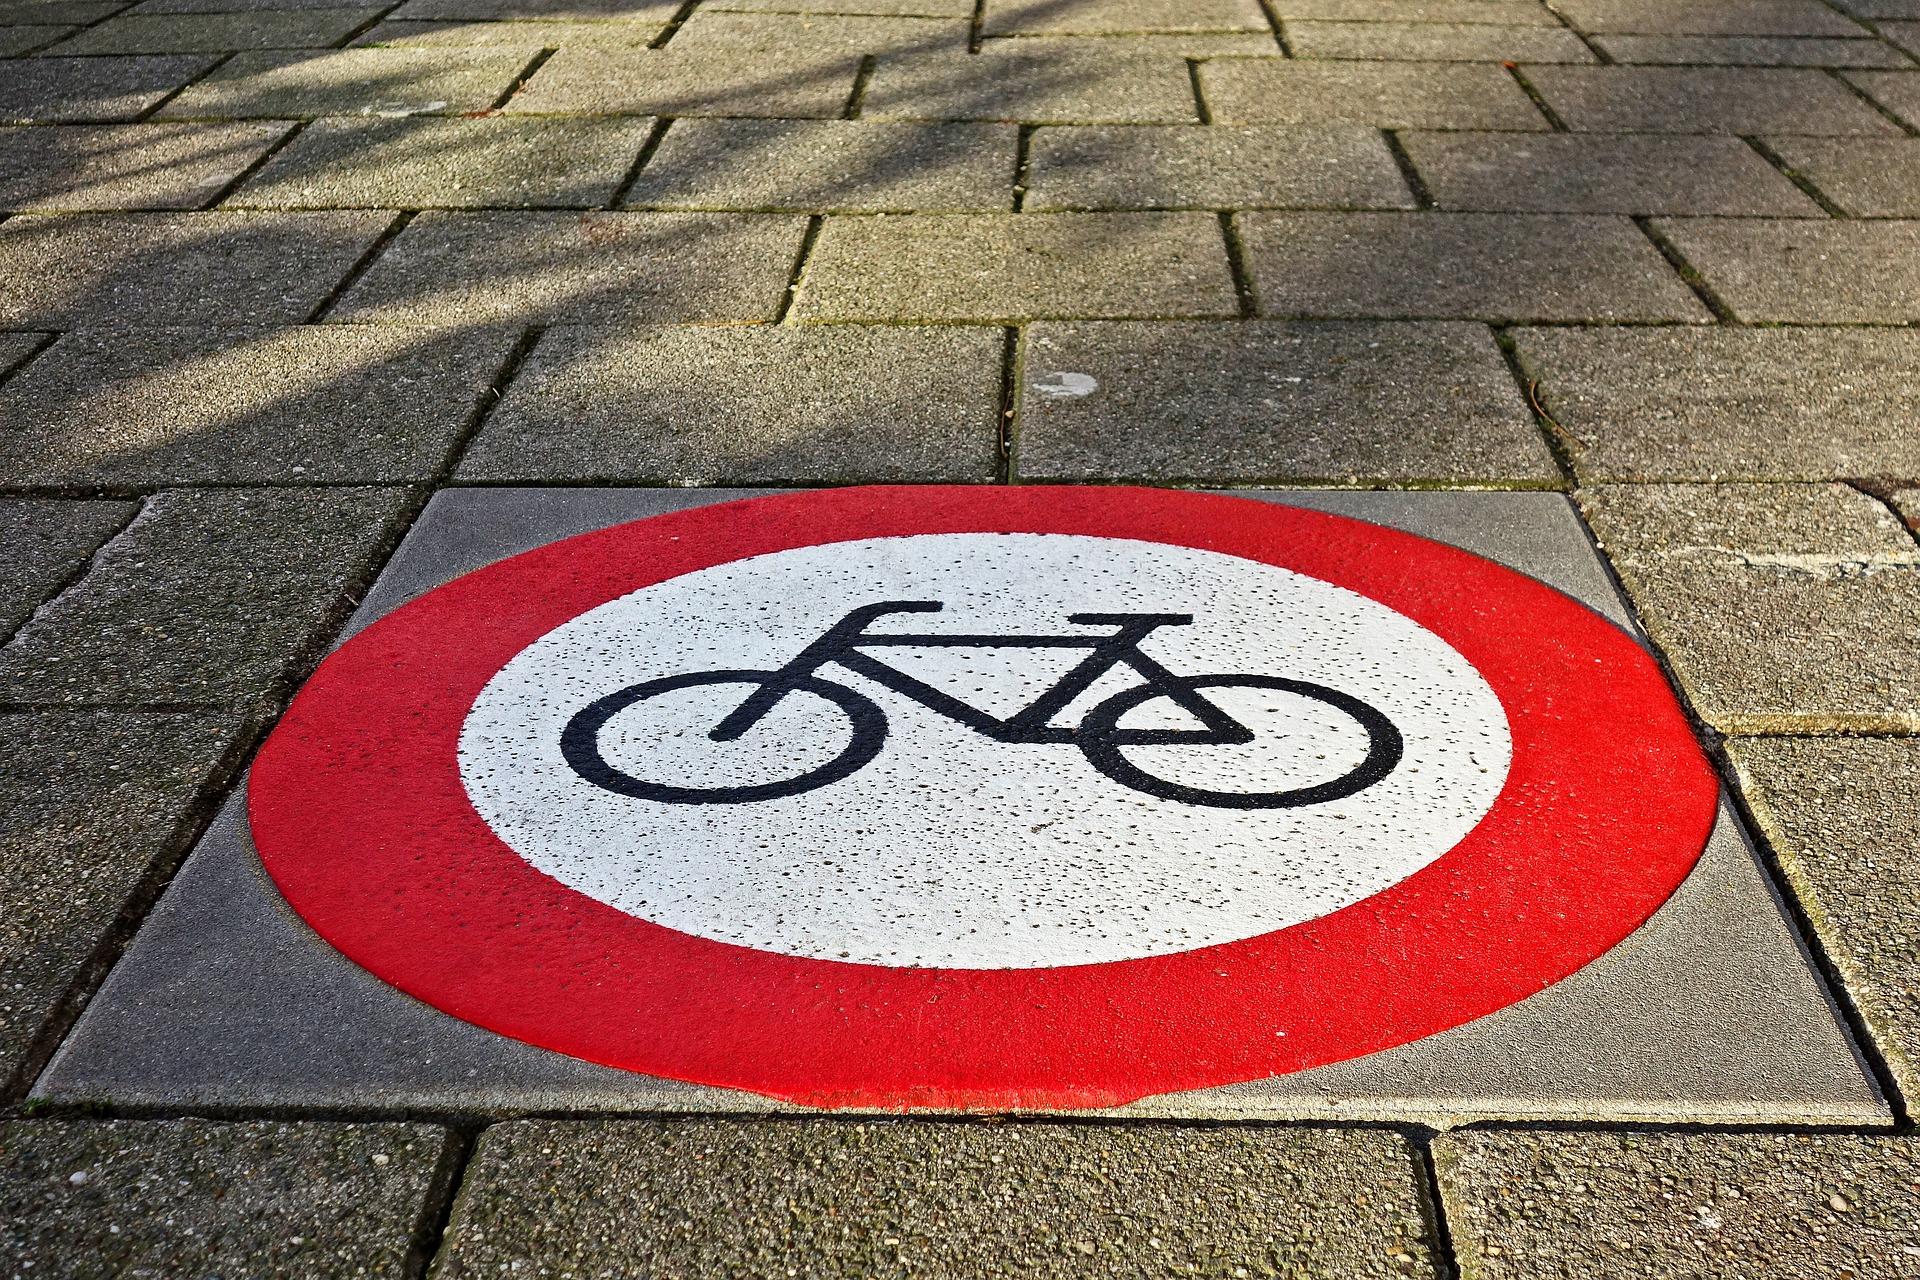 Je mogoče sožitje med avtomobilisti in kolesarji?